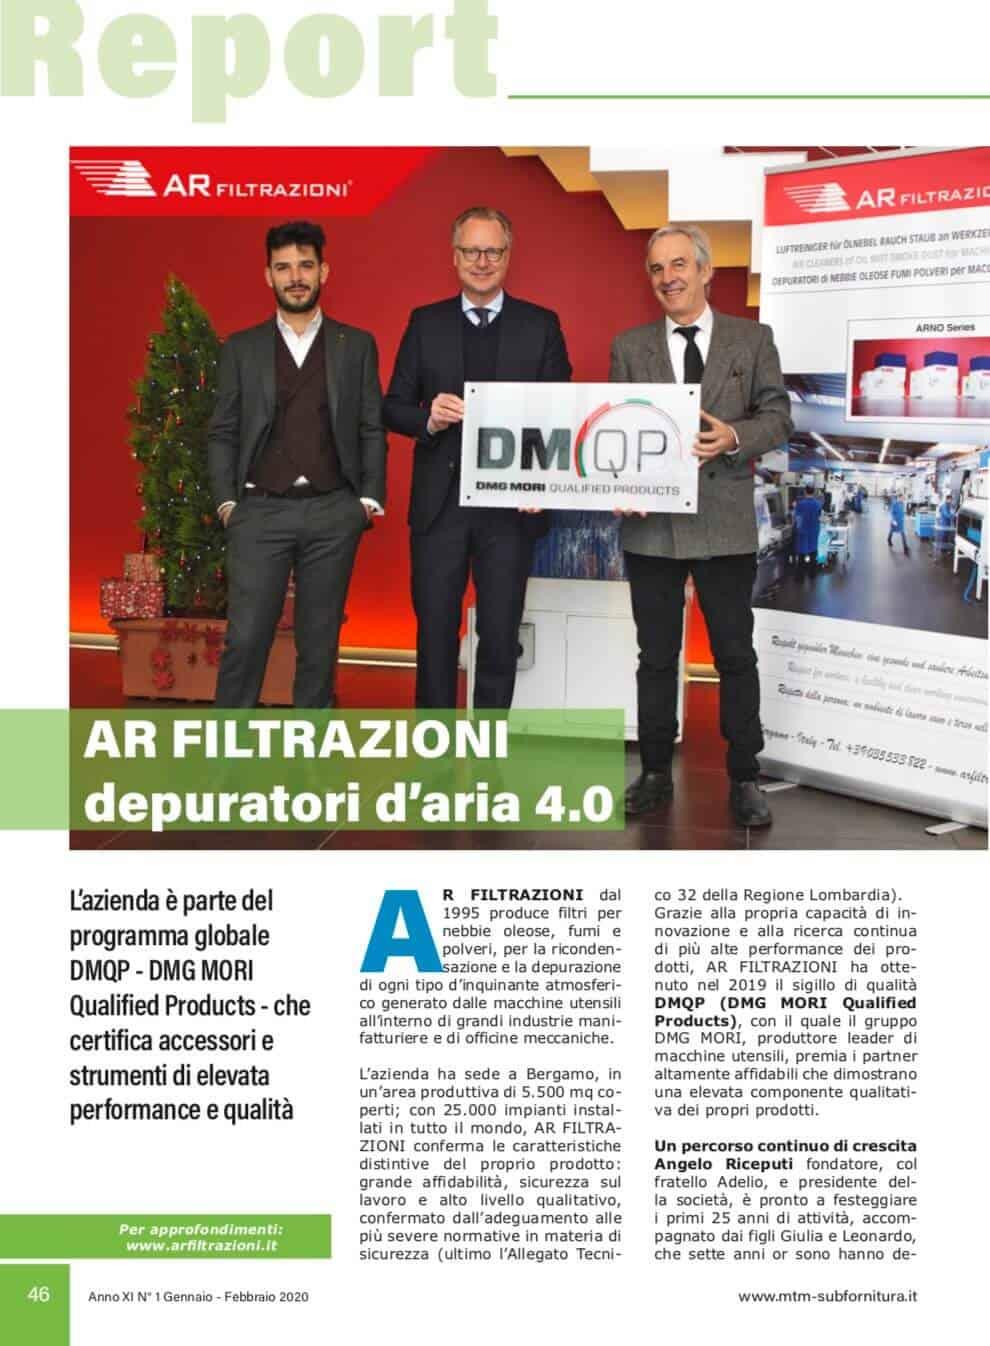 AR Filtrazioni   Partner dmqp dmg mori program certified